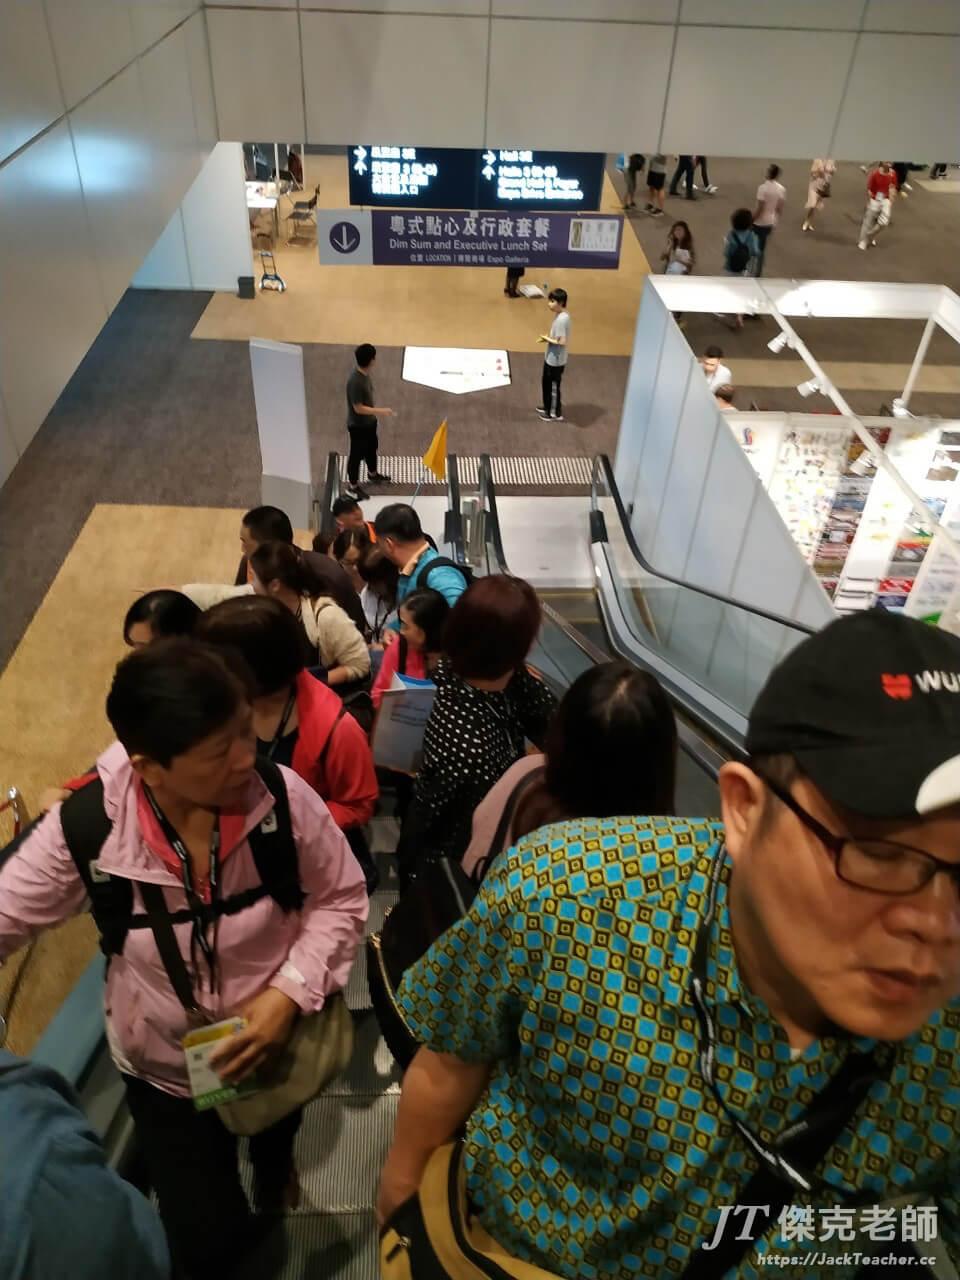 禮品展在灣仔展覽館總共有一、三、五層樓,逛完一層,接著往樓上走